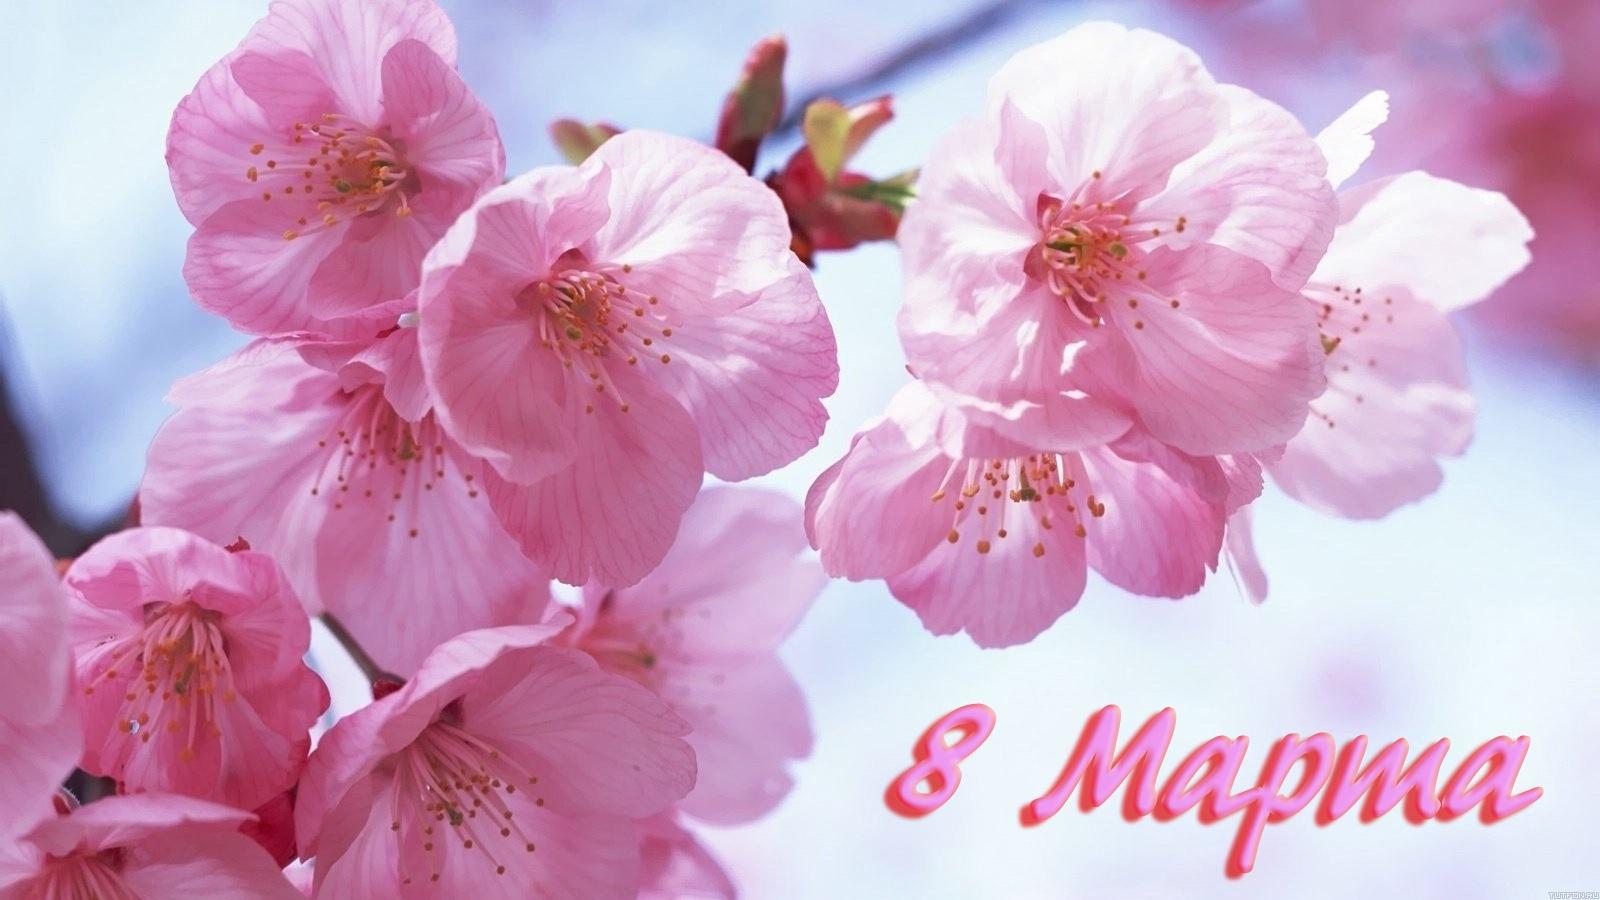 С 8 марта картинки нежные цветы, открытки